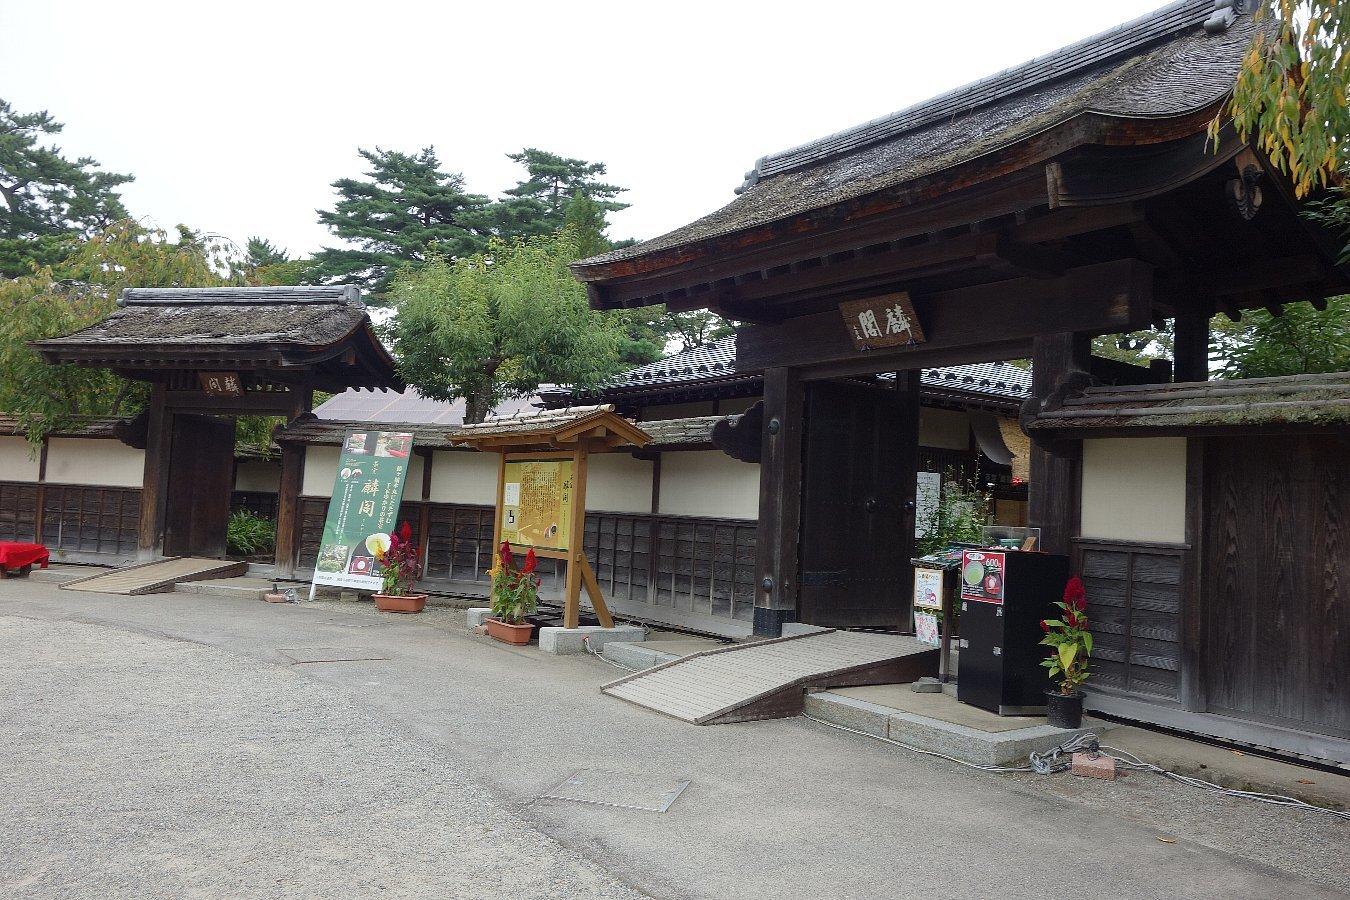 鶴ヶ城公園 茶室「麟閣」_c0112559_08301243.jpg